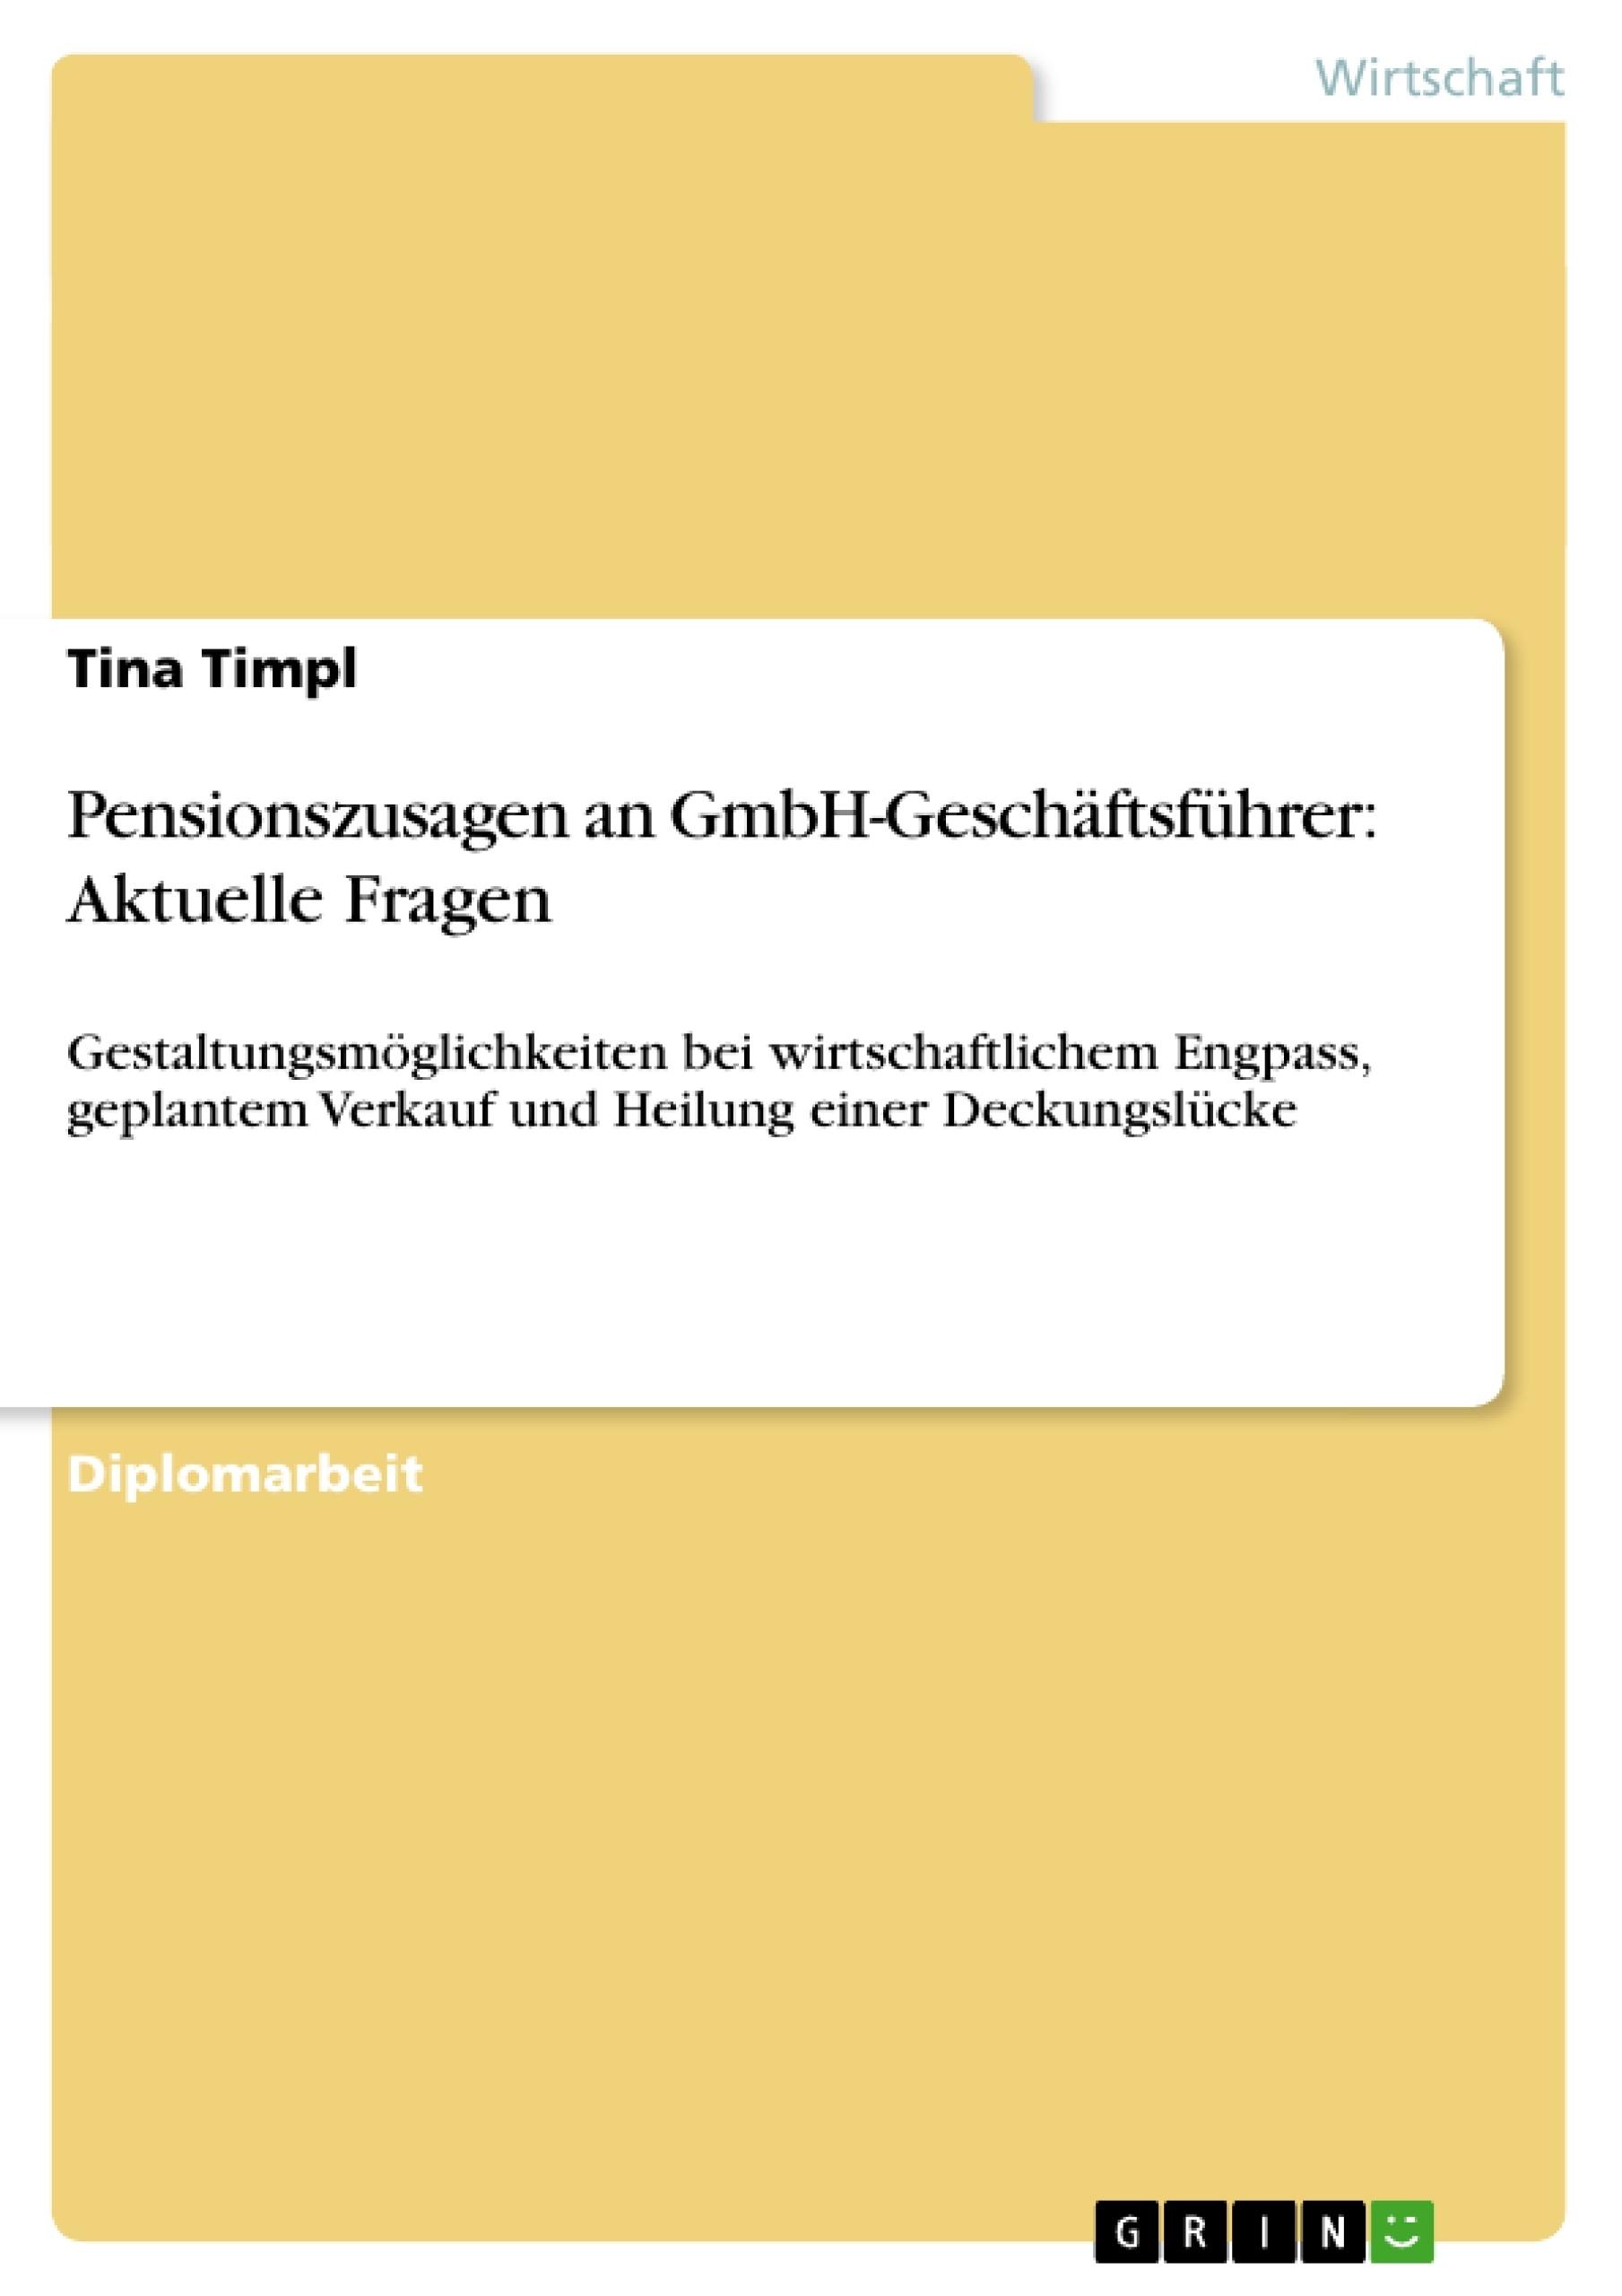 Titel: Pensionszusagen an GmbH-Geschäftsführer: Aktuelle Fragen